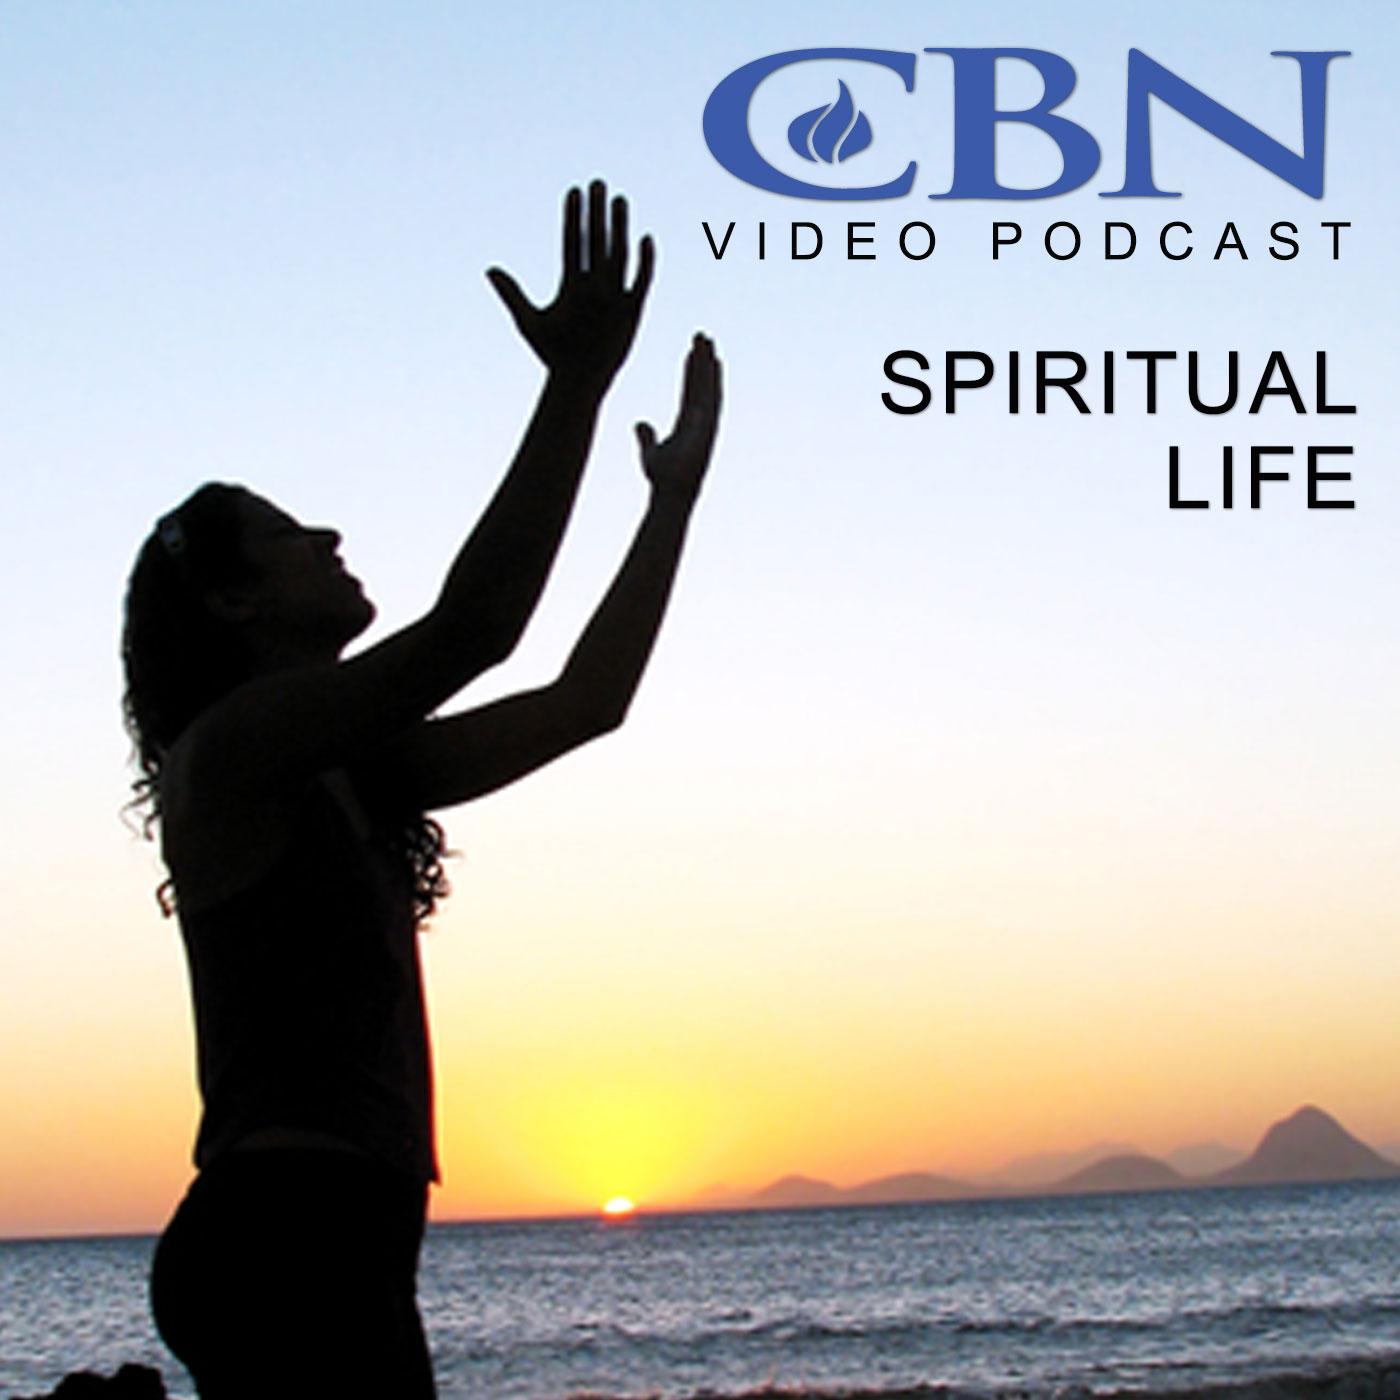 <![CDATA[CBN.com - Spiritual Life - Video Podcast]]>